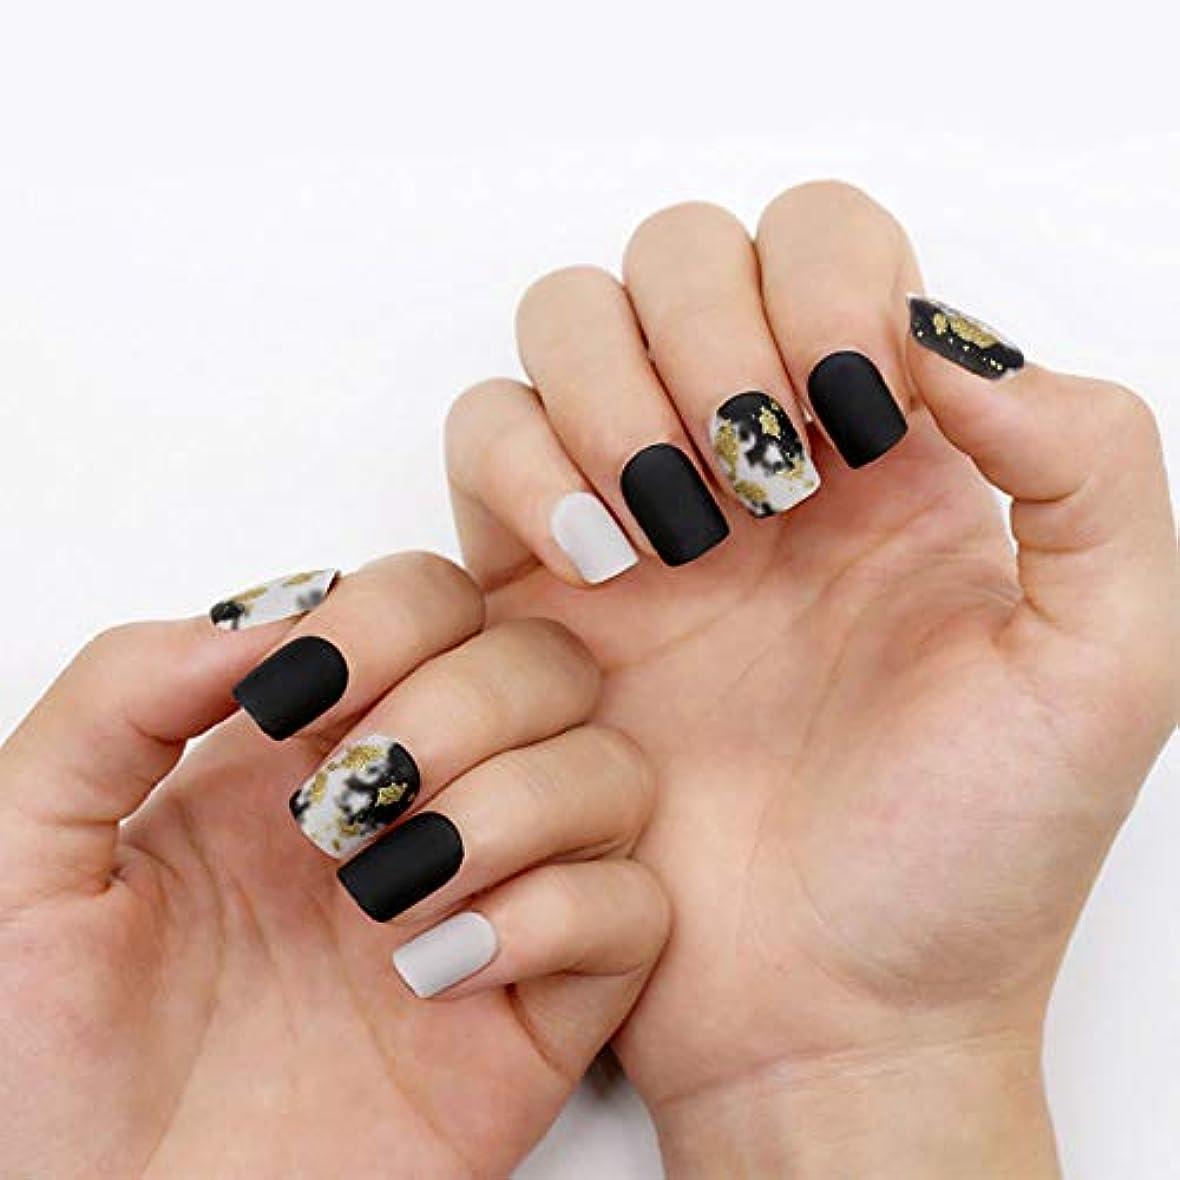 先に統計自治ネイルチップ 12サイズ 夏の 優雅 黒 つけ爪 ネイル用品 ショート デコレーション 無地 付け爪